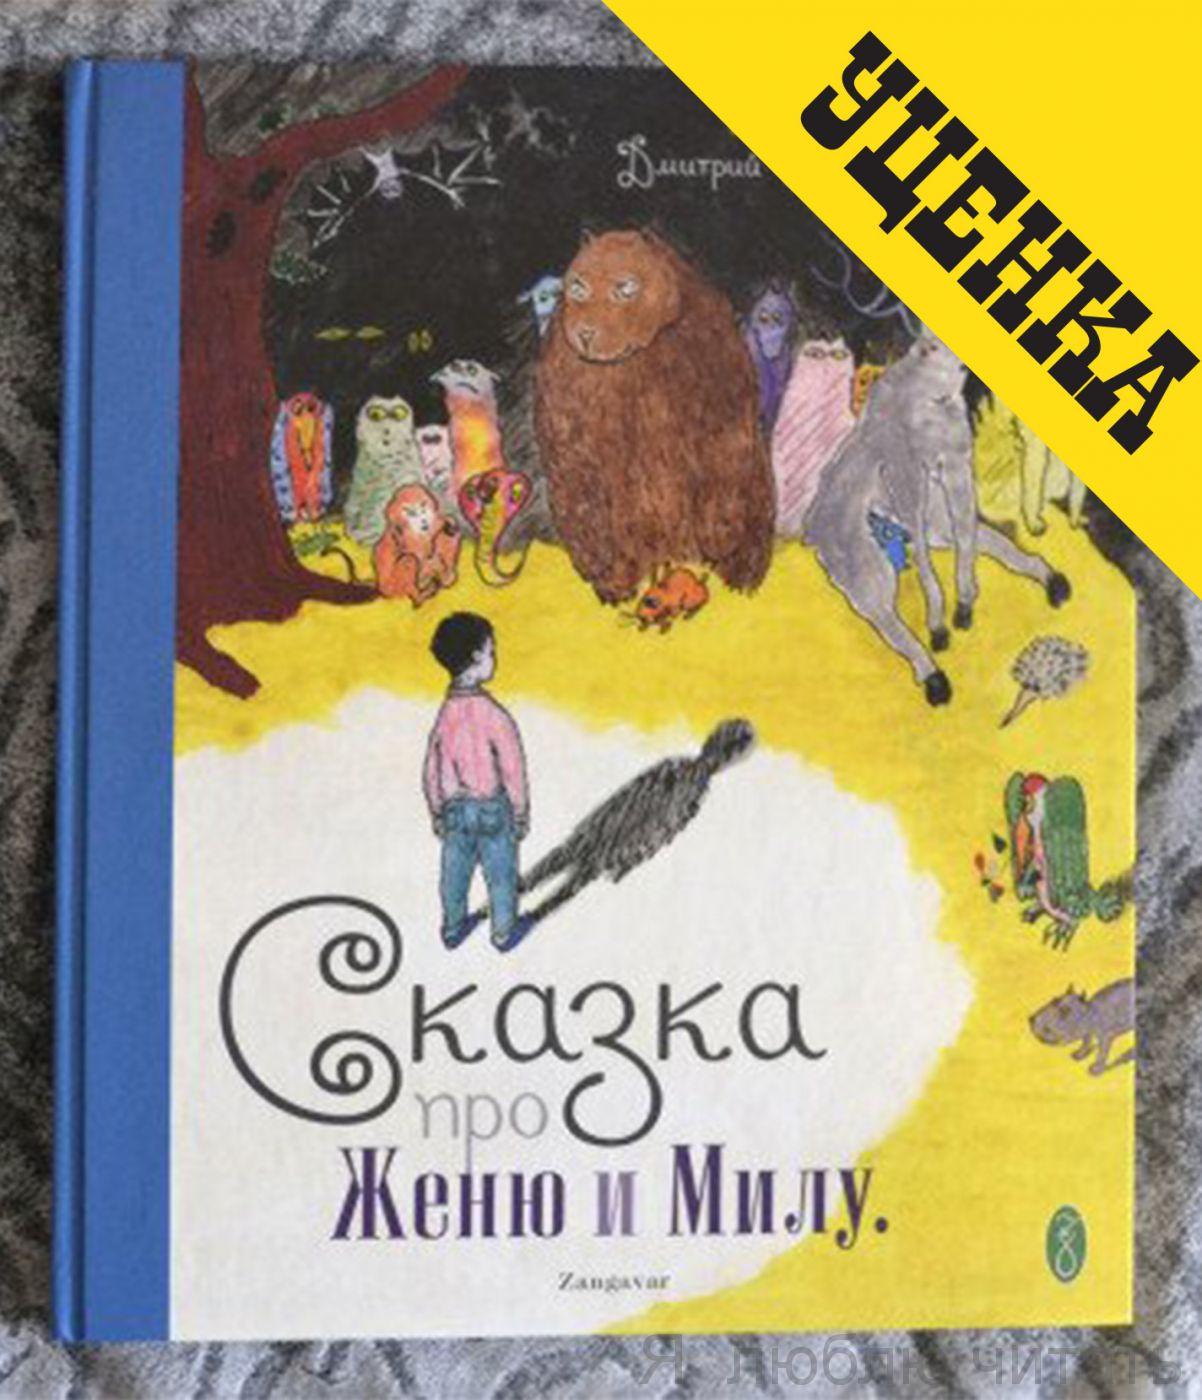 Уценка. Сказка про Женю и Милу (+CD)